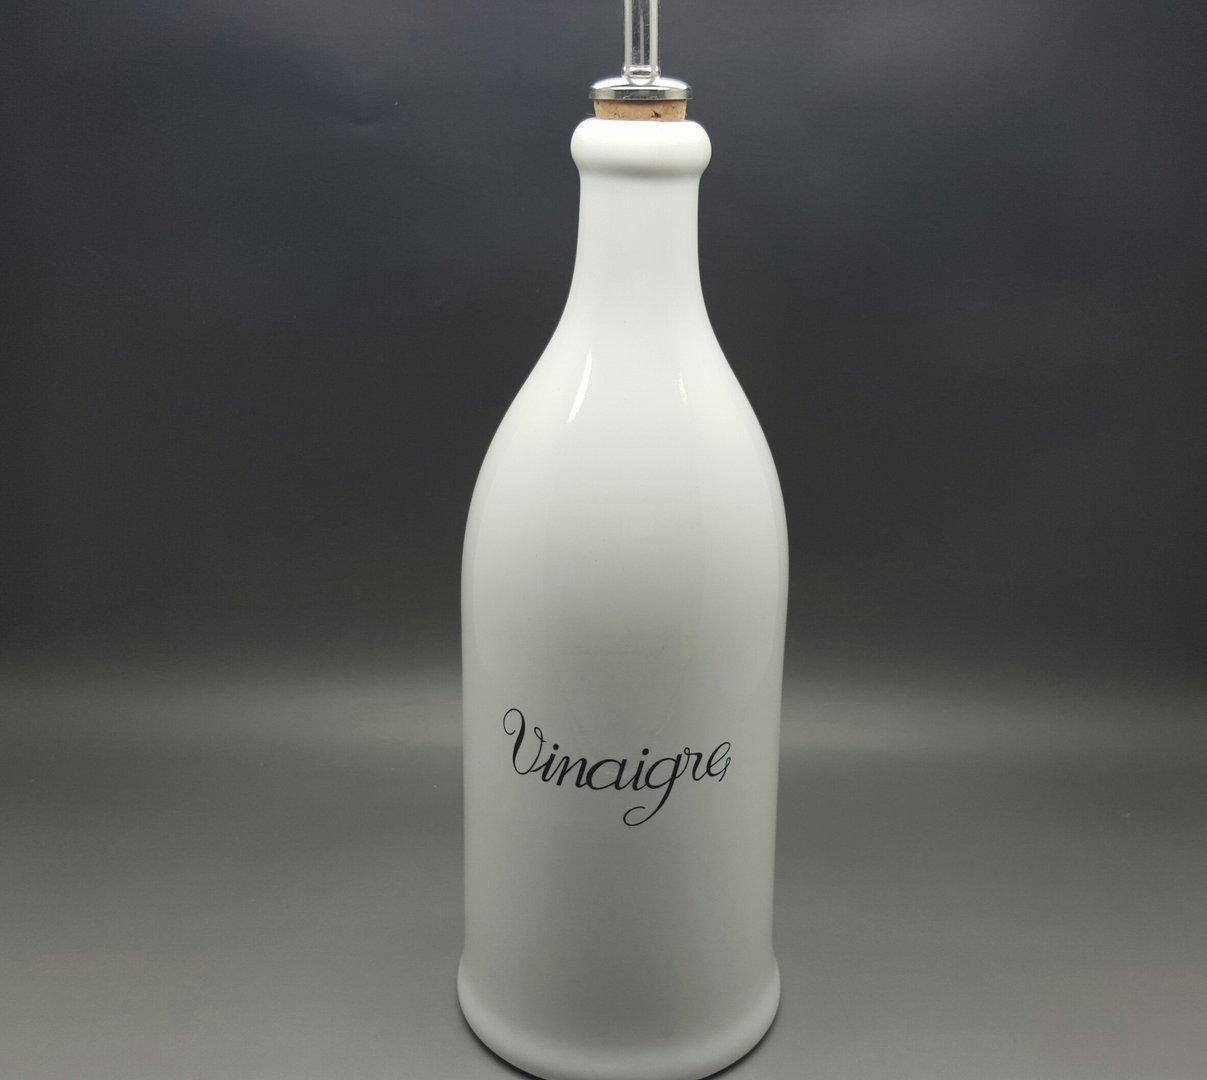 bouteille vinaigre 75cl la boutique de porcelaine blanche d class e. Black Bedroom Furniture Sets. Home Design Ideas